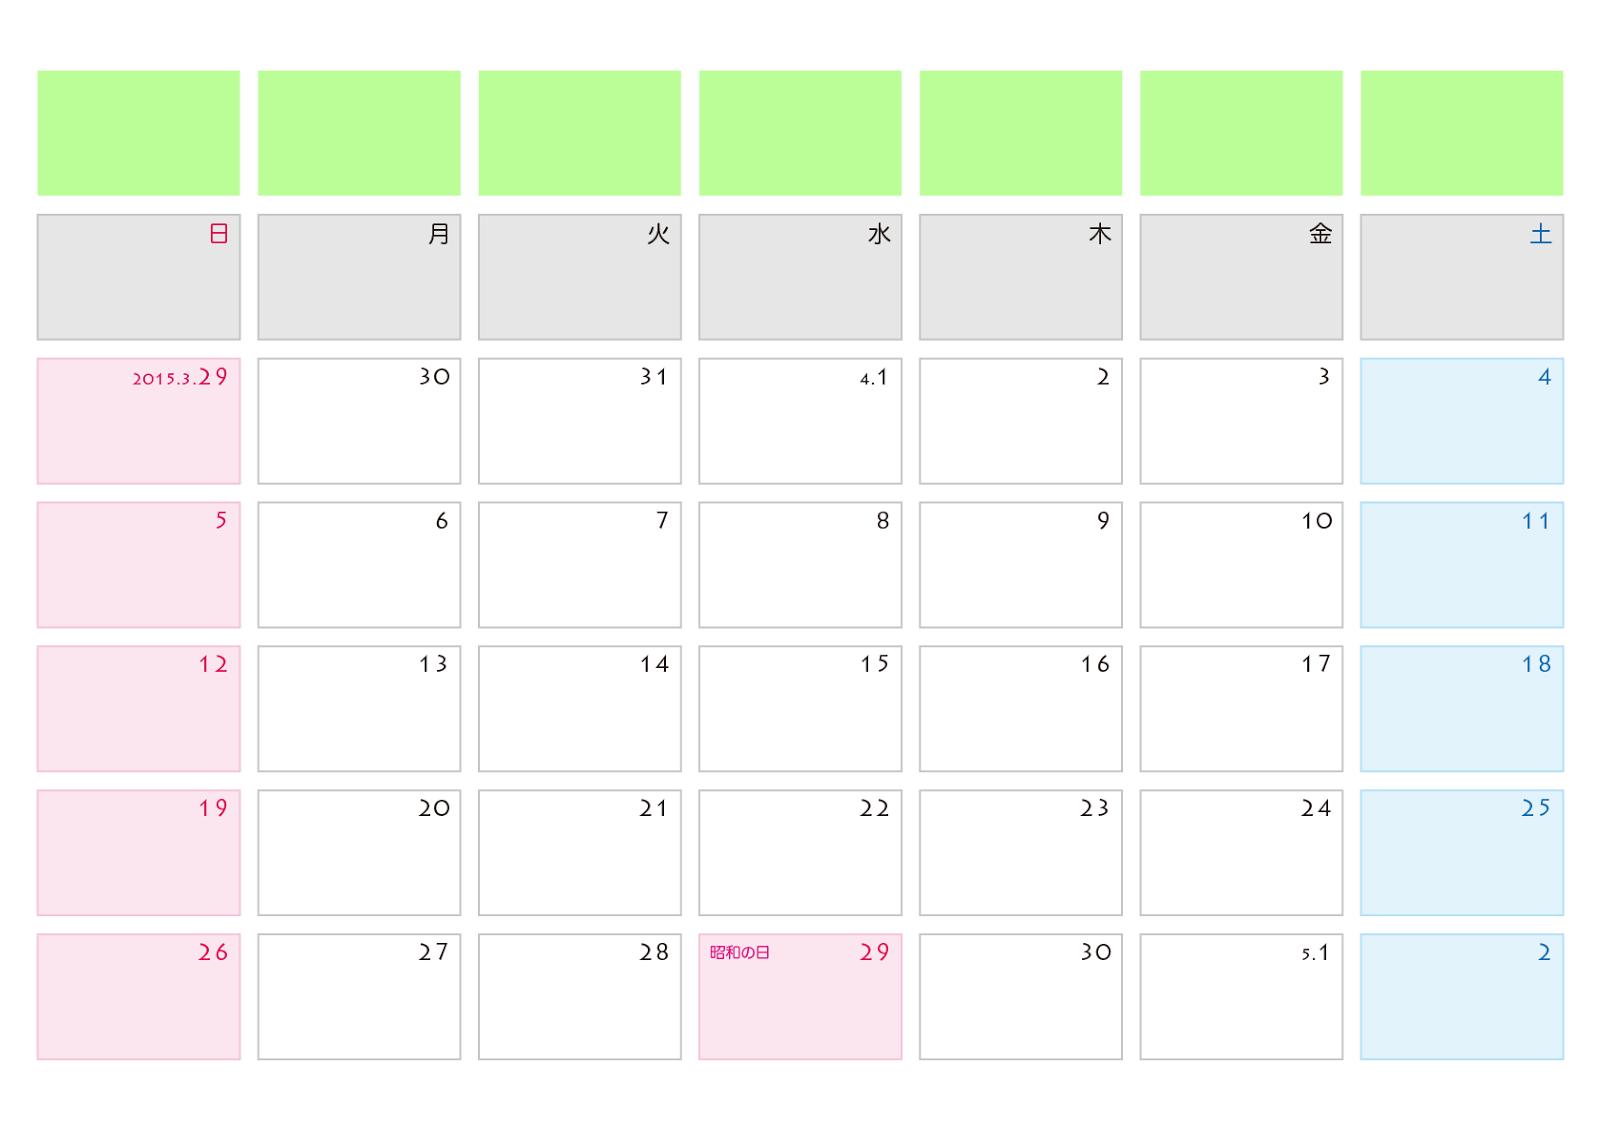 カレンダー 4月のカレンダー 2015 : 2015年4月のカレンダーPDF